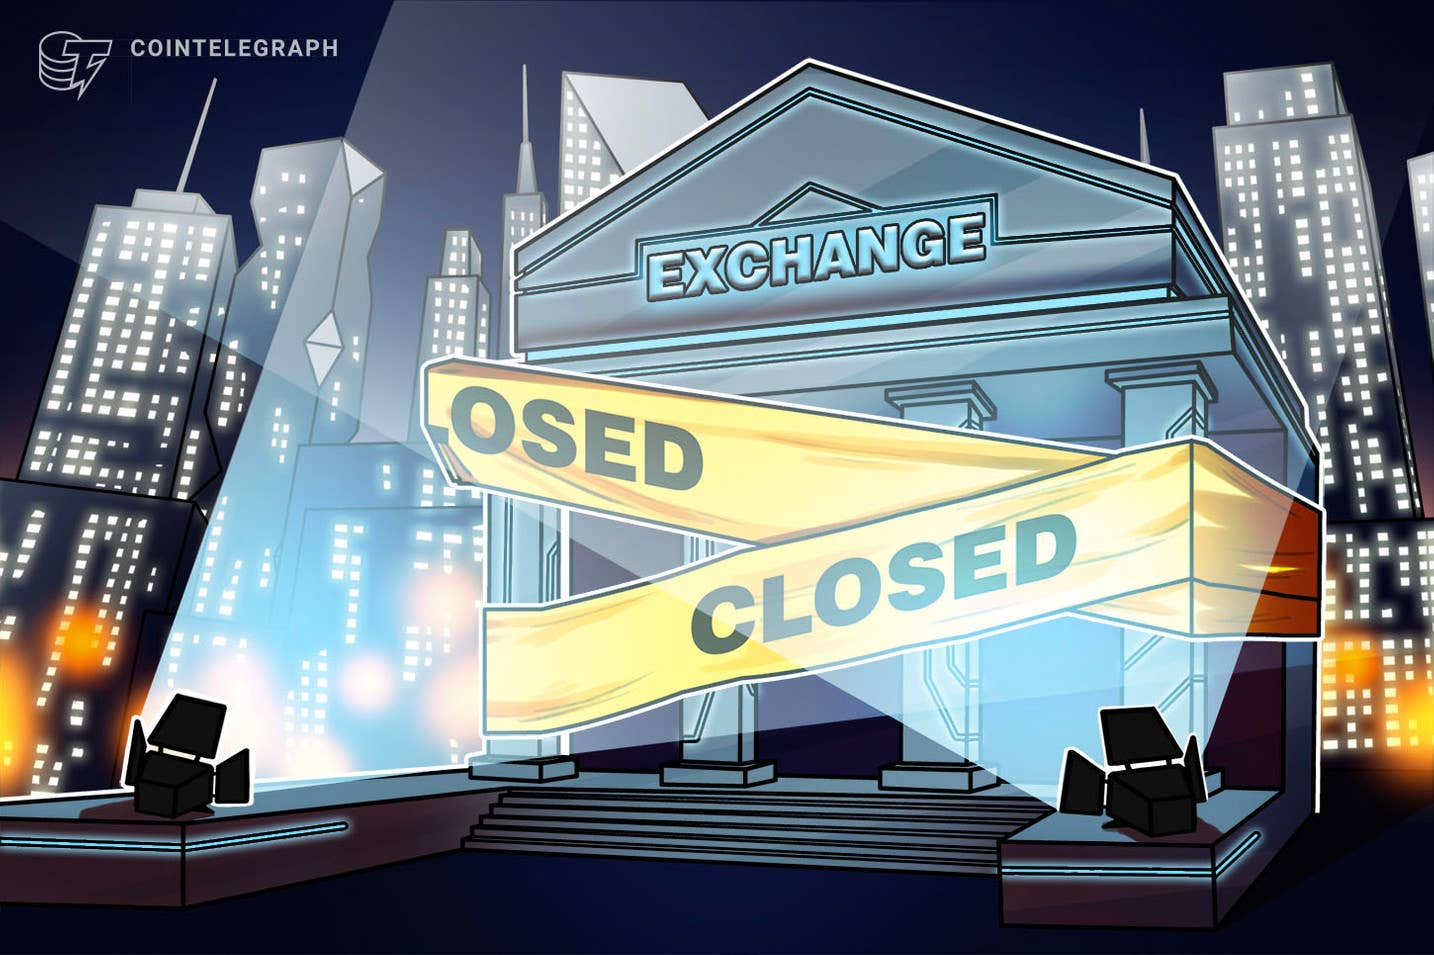 Giełda kryptowalut Bybit zawiesza usługi w Korei Południowej